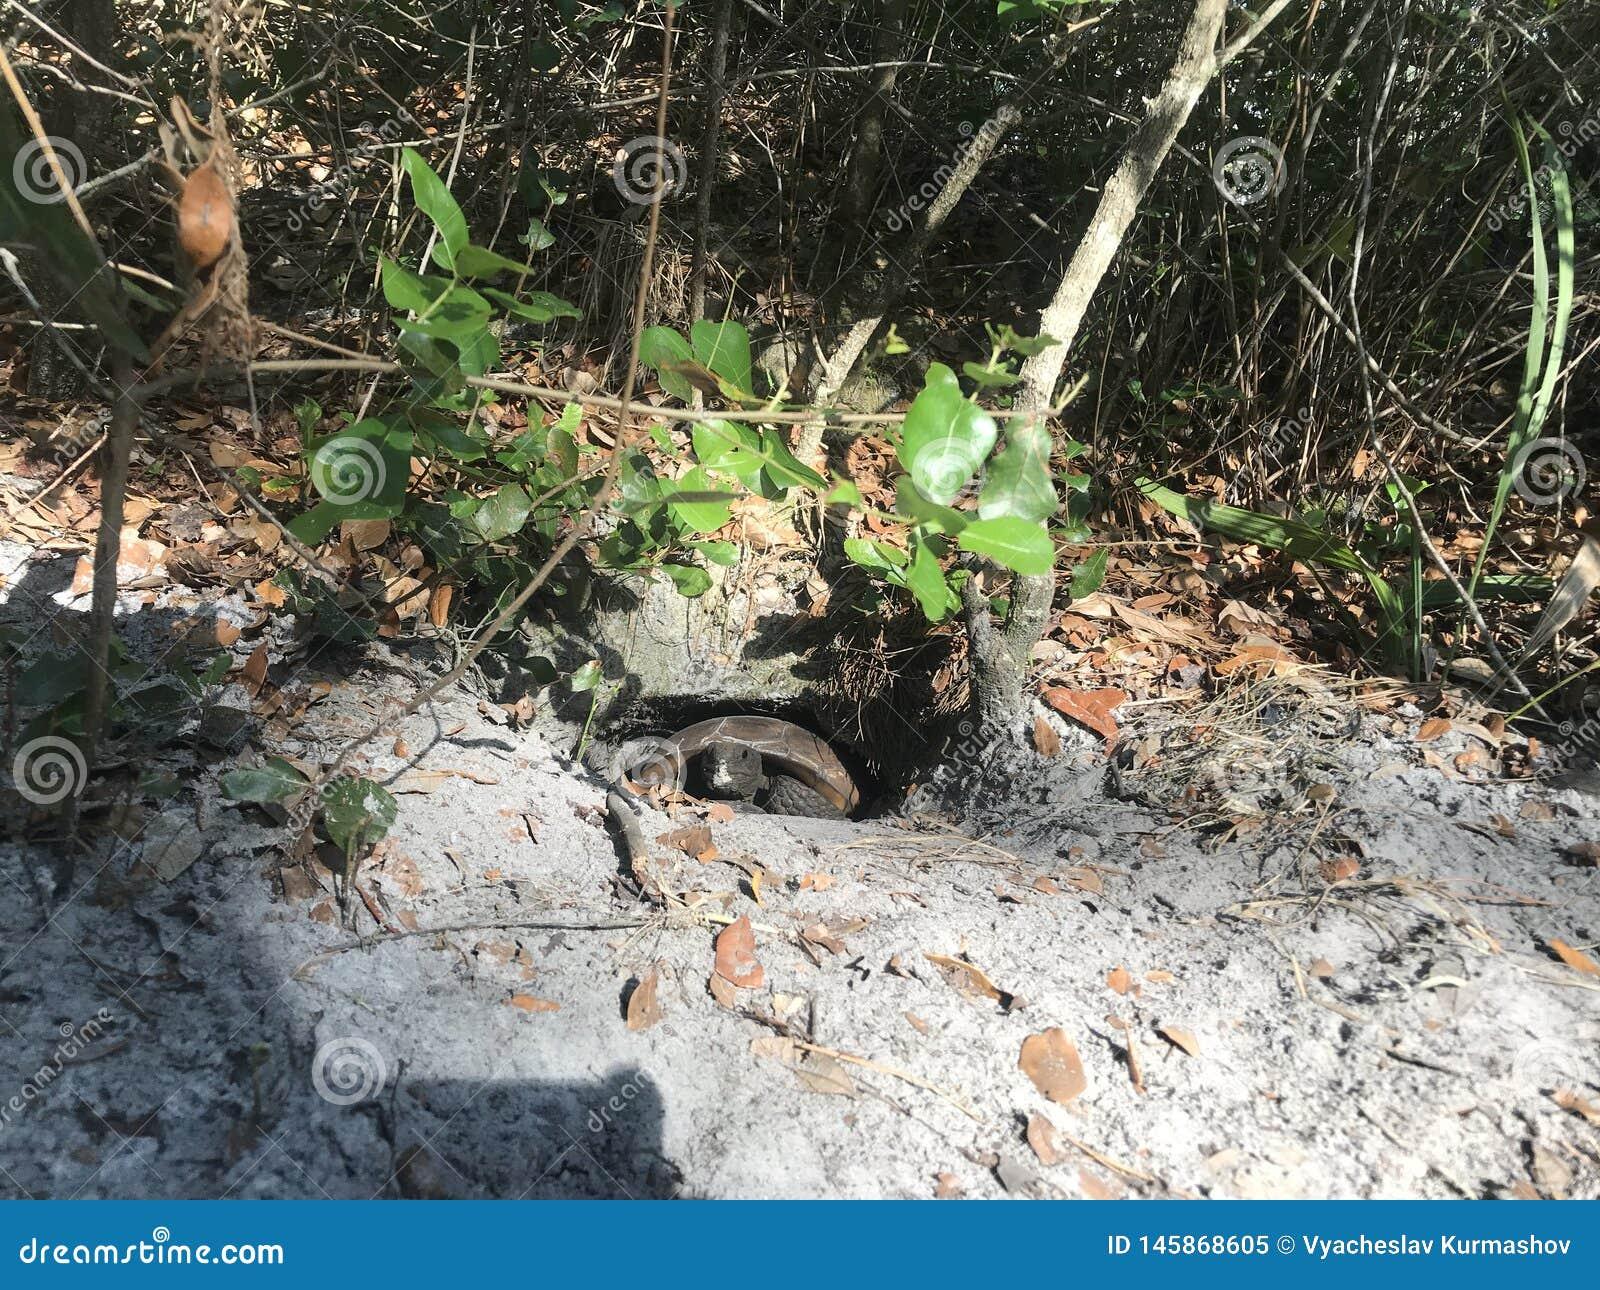 Tortuga en un agujero tortuga que oculta en un agujero cavado en un parque